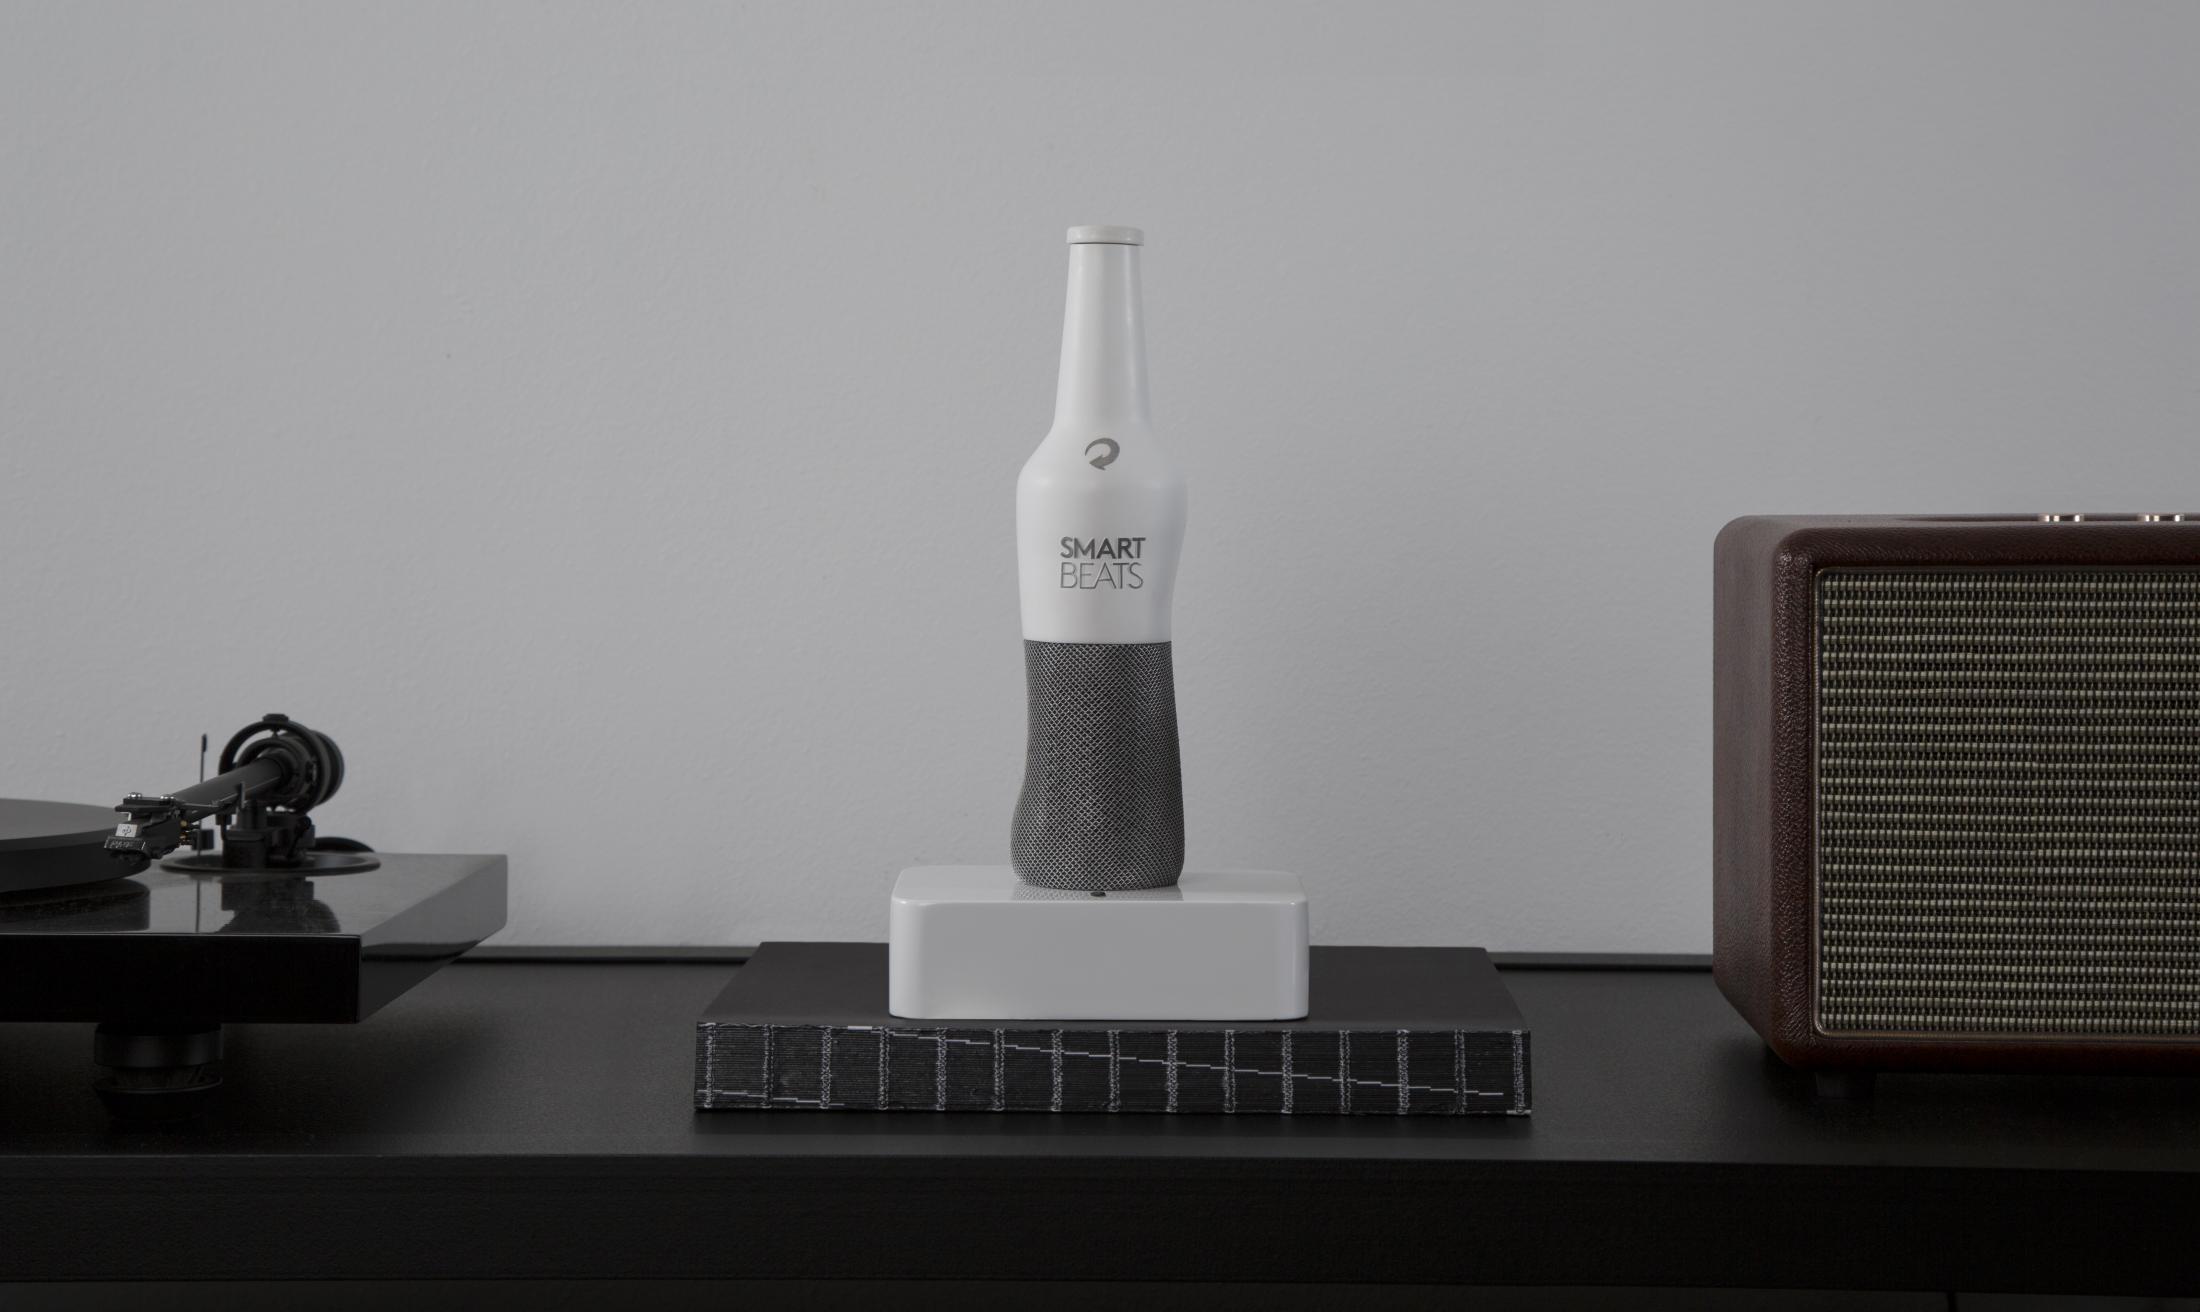 Skol Film Ad - Smart Beats